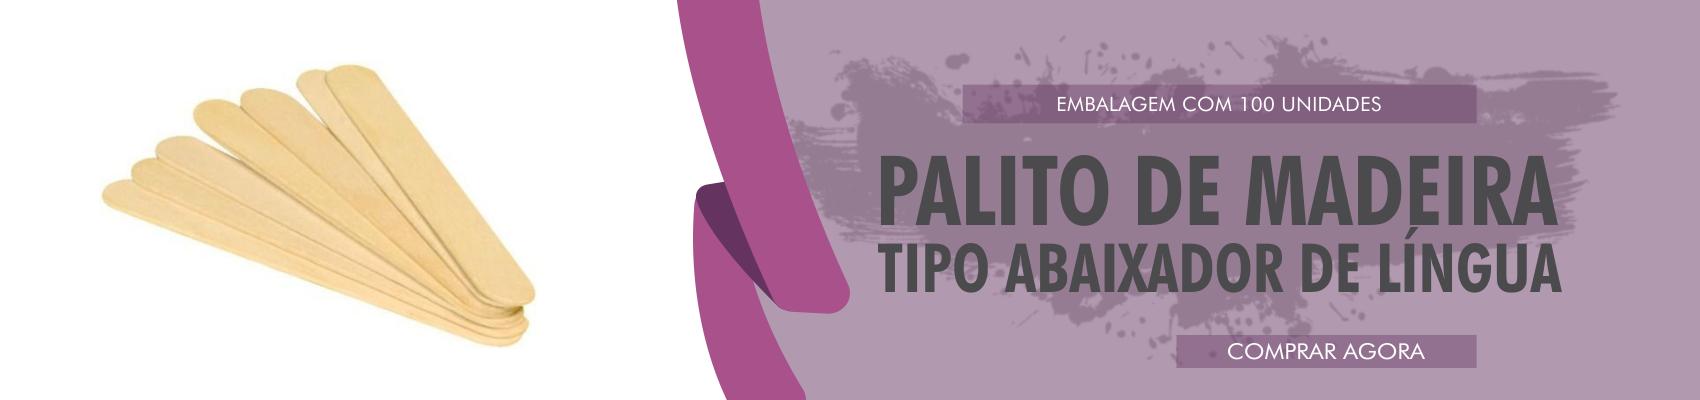 PALITO EM MADEIRA - TIPO ABAIXADOR DE LÍNGUA